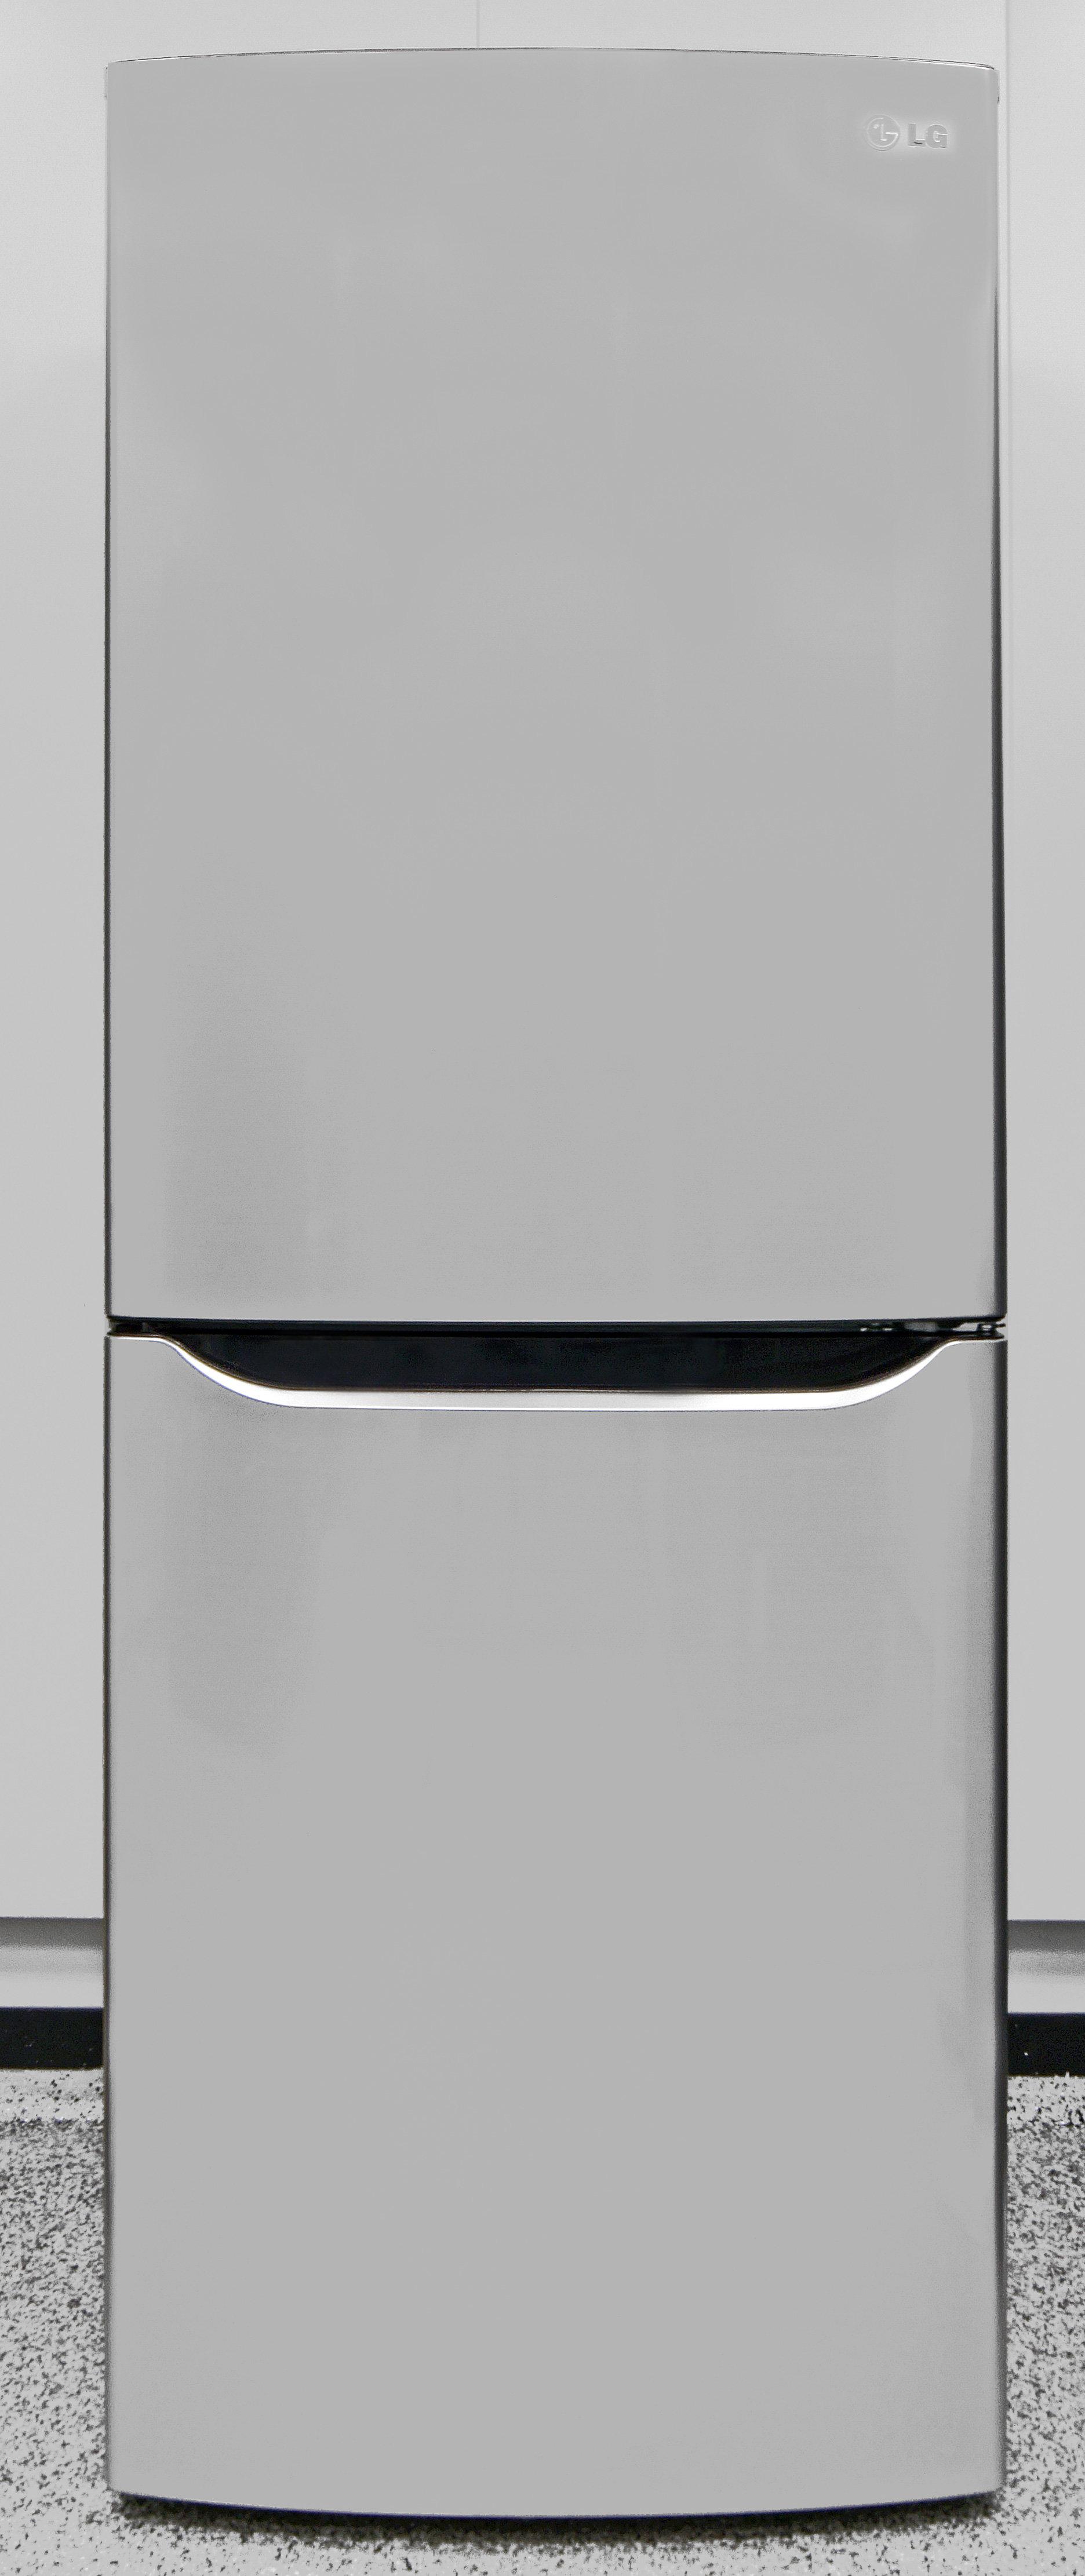 LG LBN10551PV Apartment Refrigerator Review - Reviewed.com ...